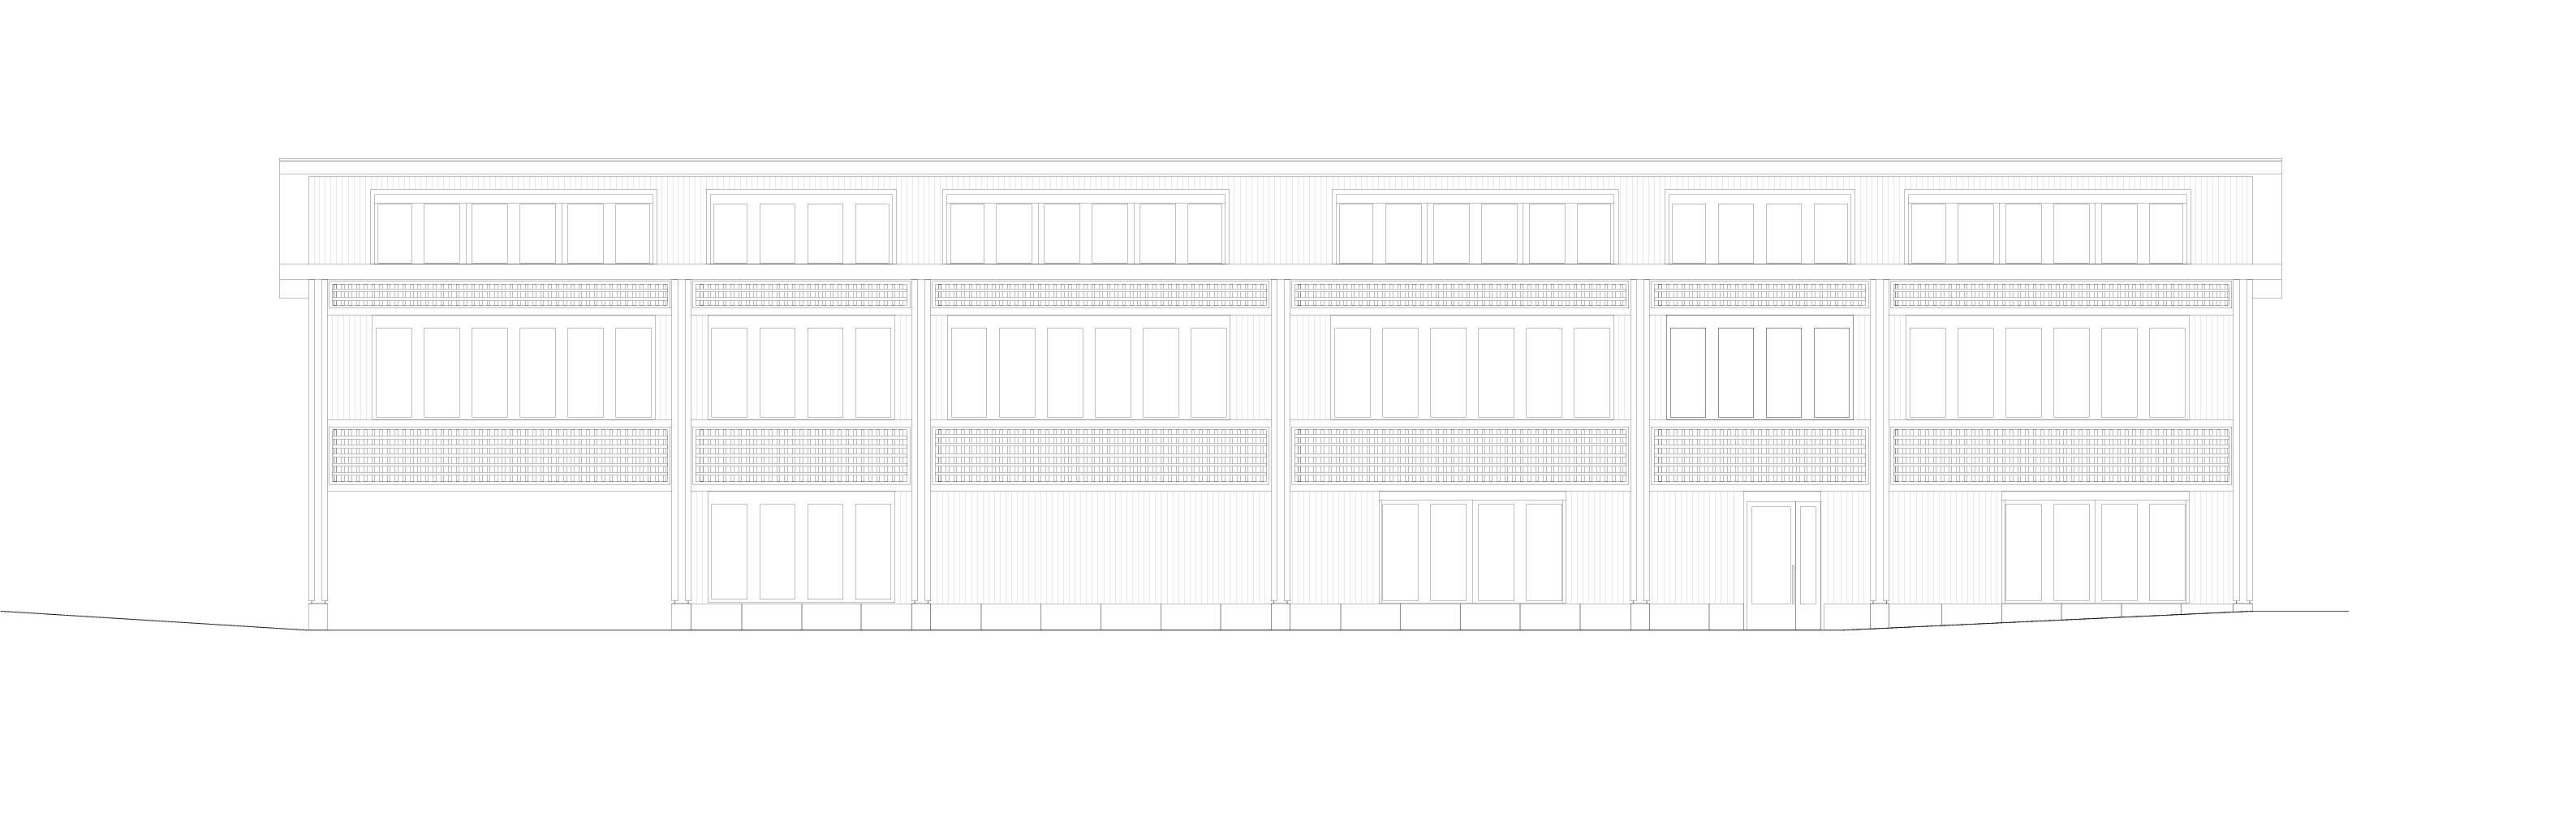 Nordfassade Schulhaus Alp II, Wangen b. Olten von werk1 architekten und planer ag